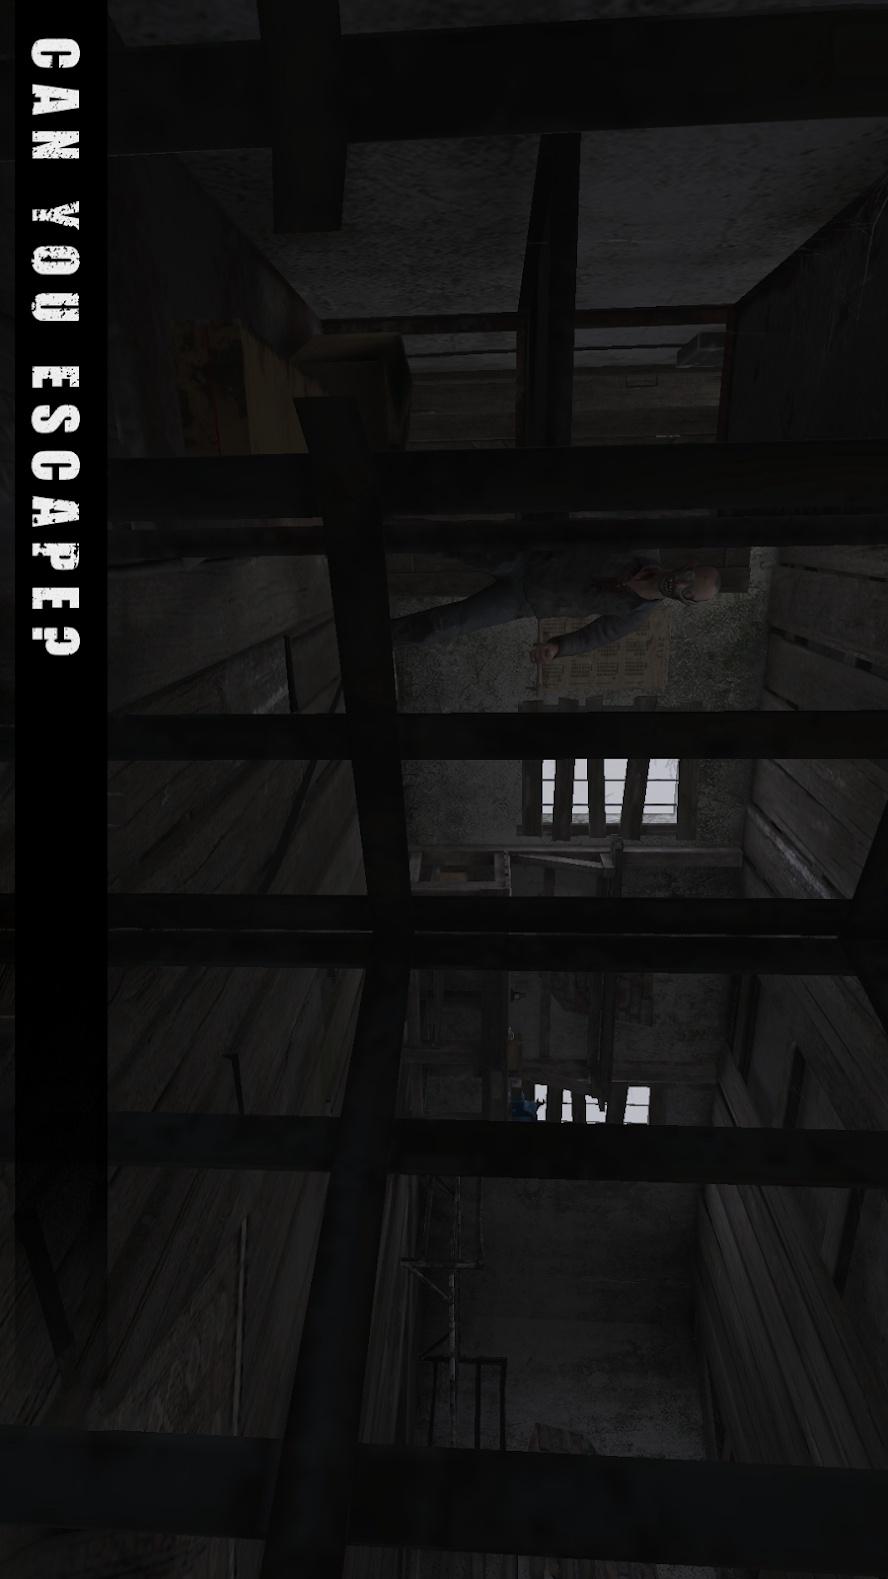 恐怖逃脱游戏截图